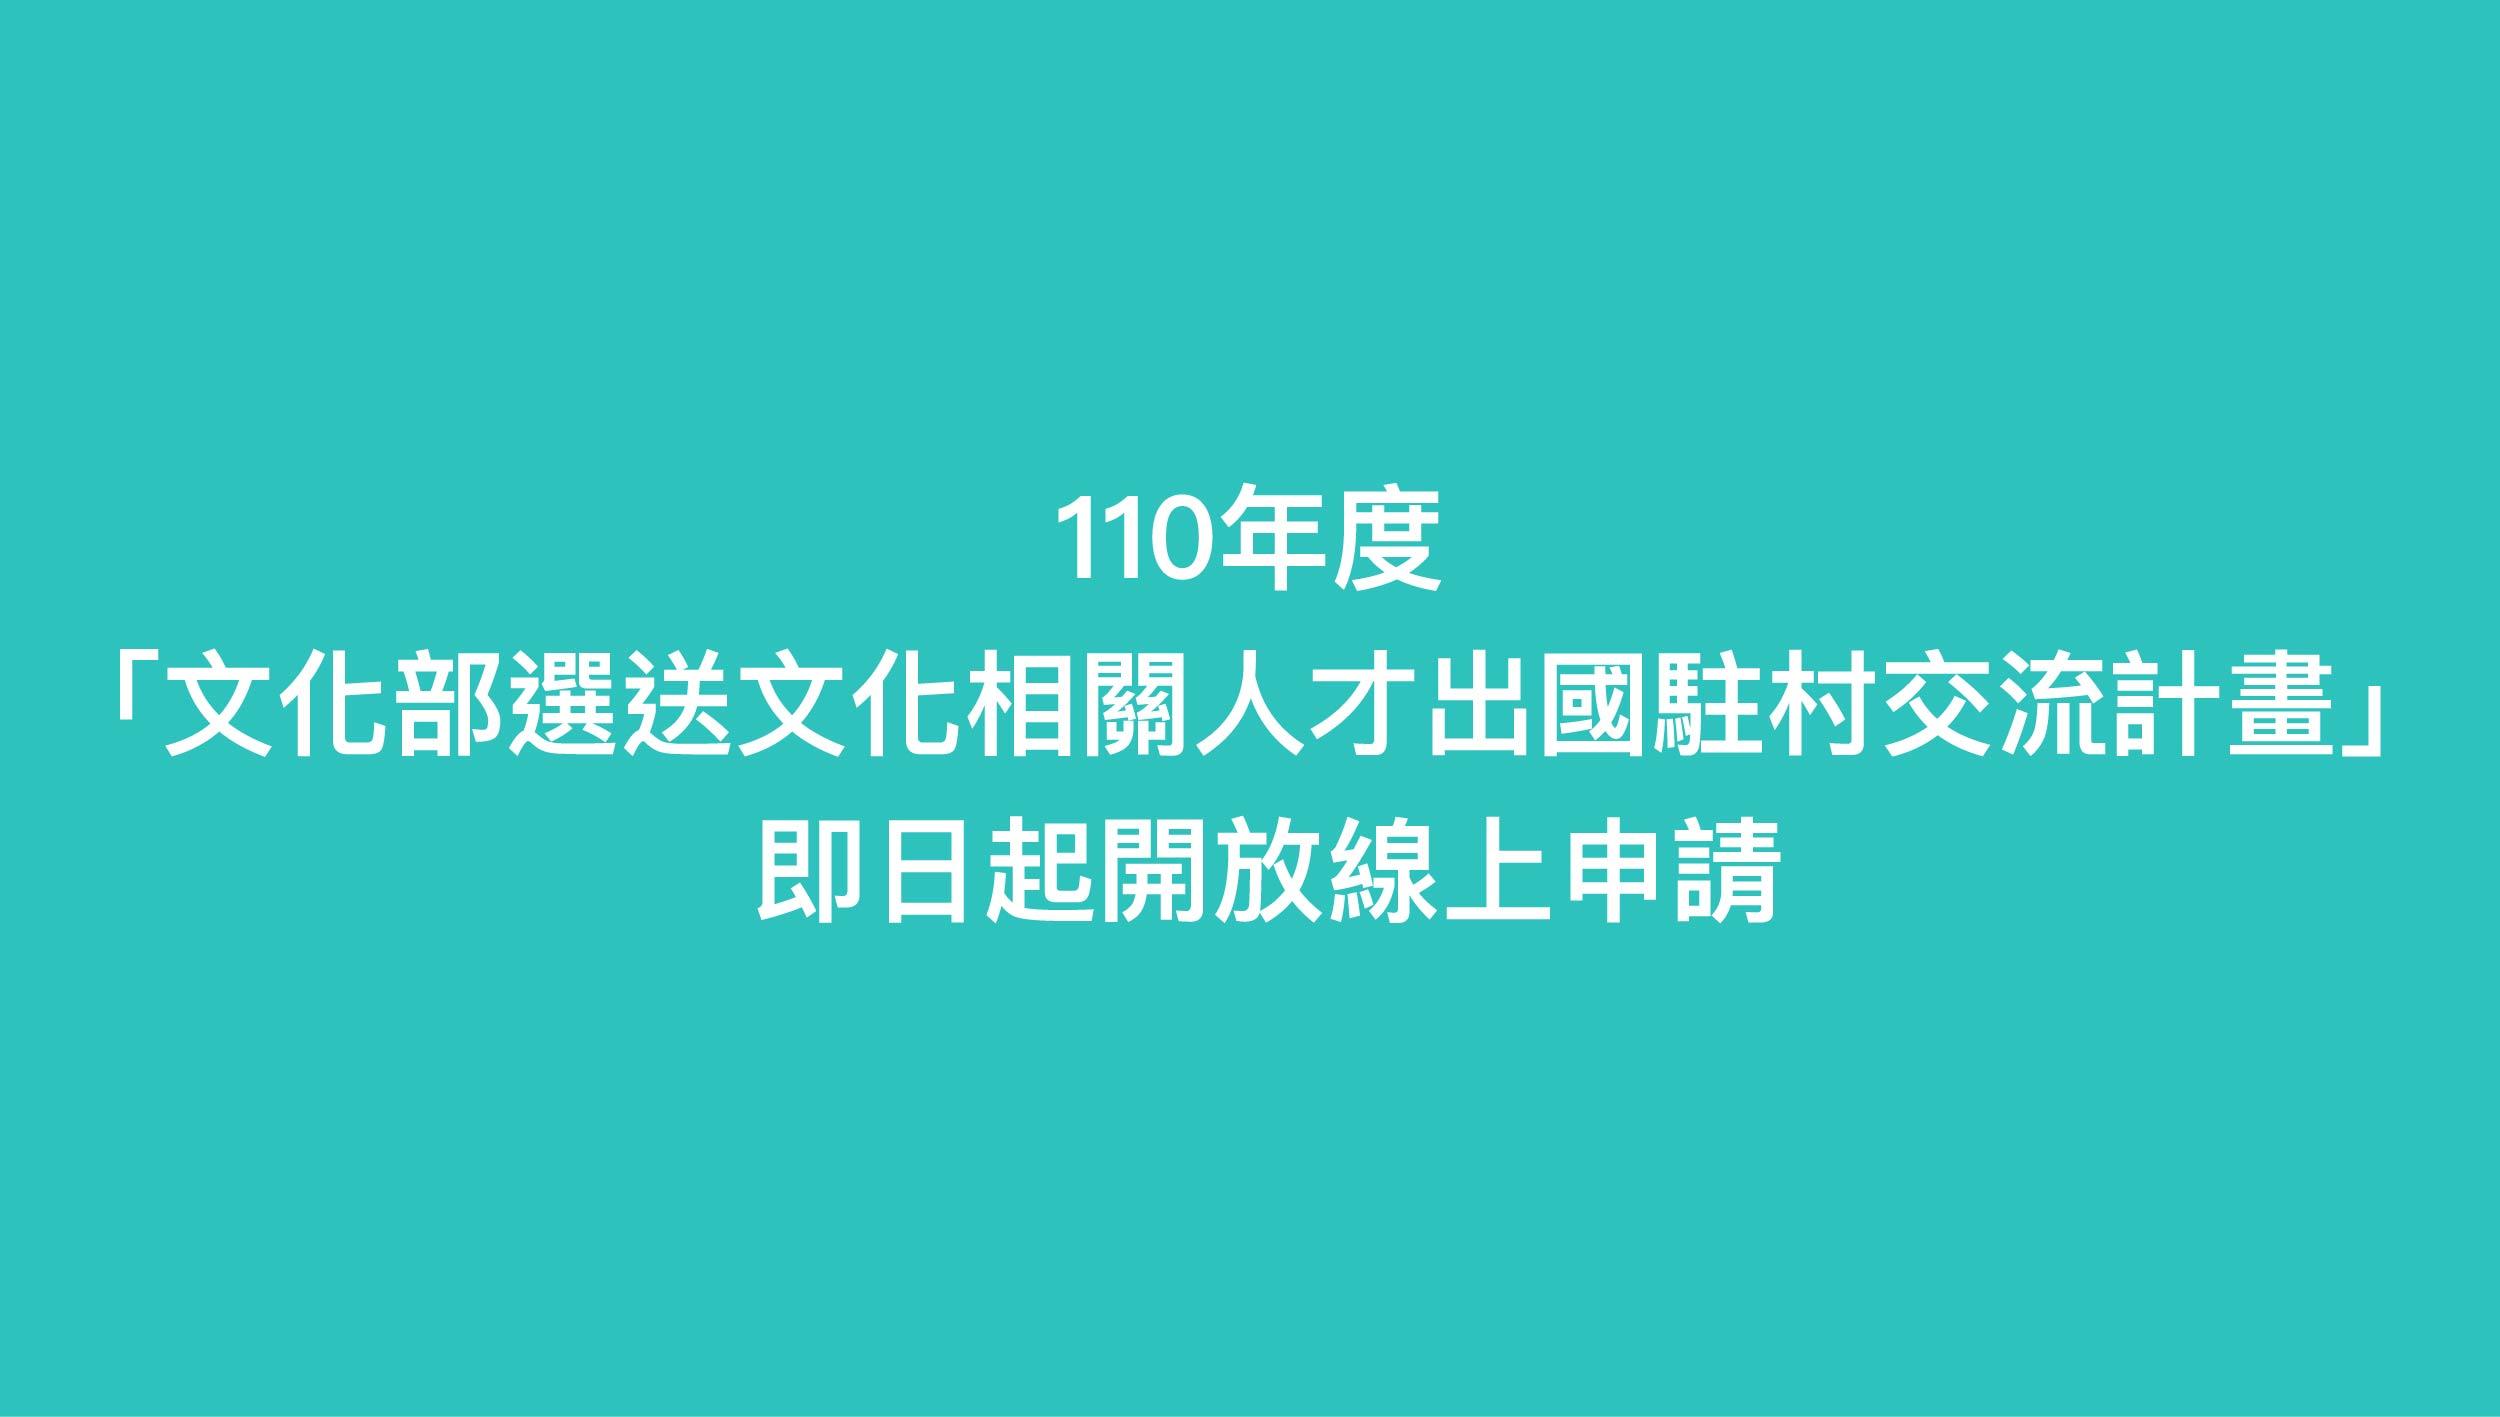 110年度「文化部選送文化相關人才出國駐村交流計畫」 即日起開放線上申請